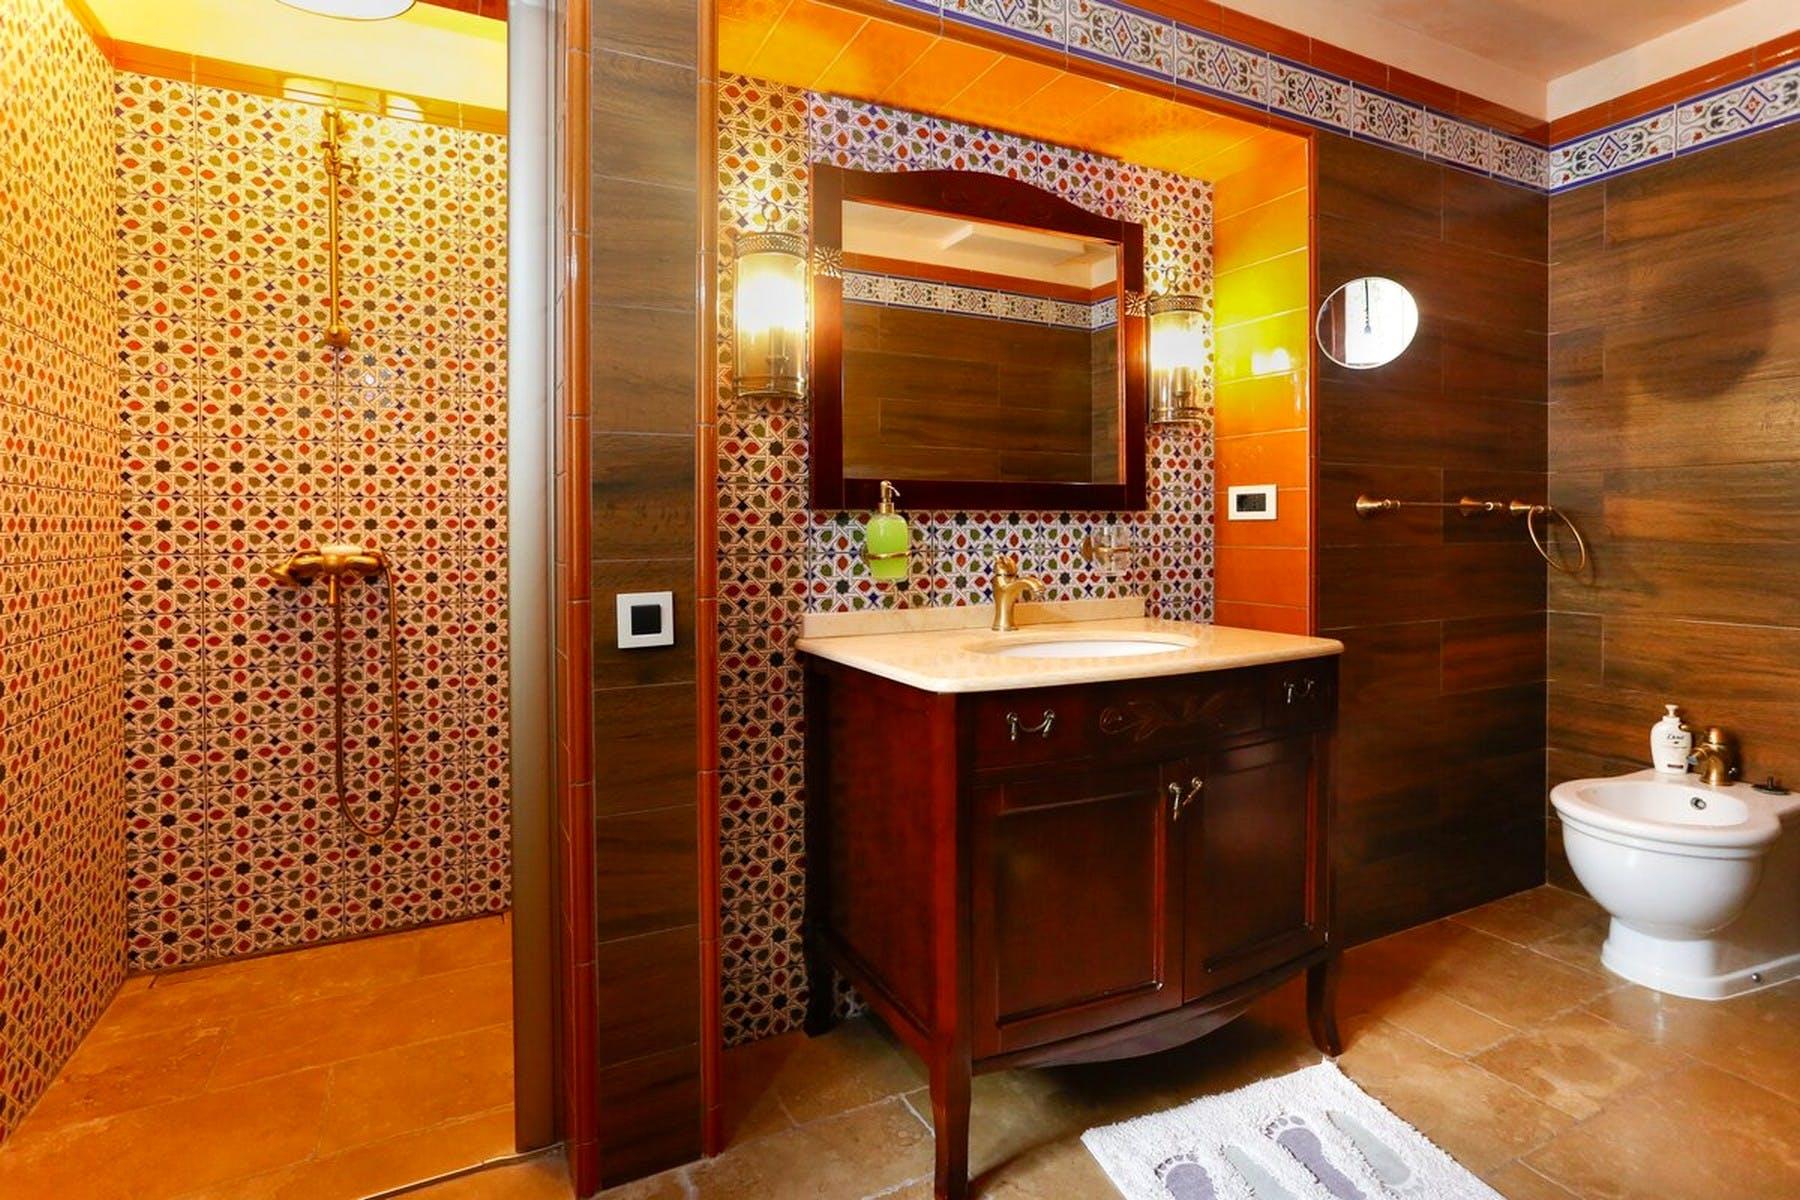 Luxury bathroom area